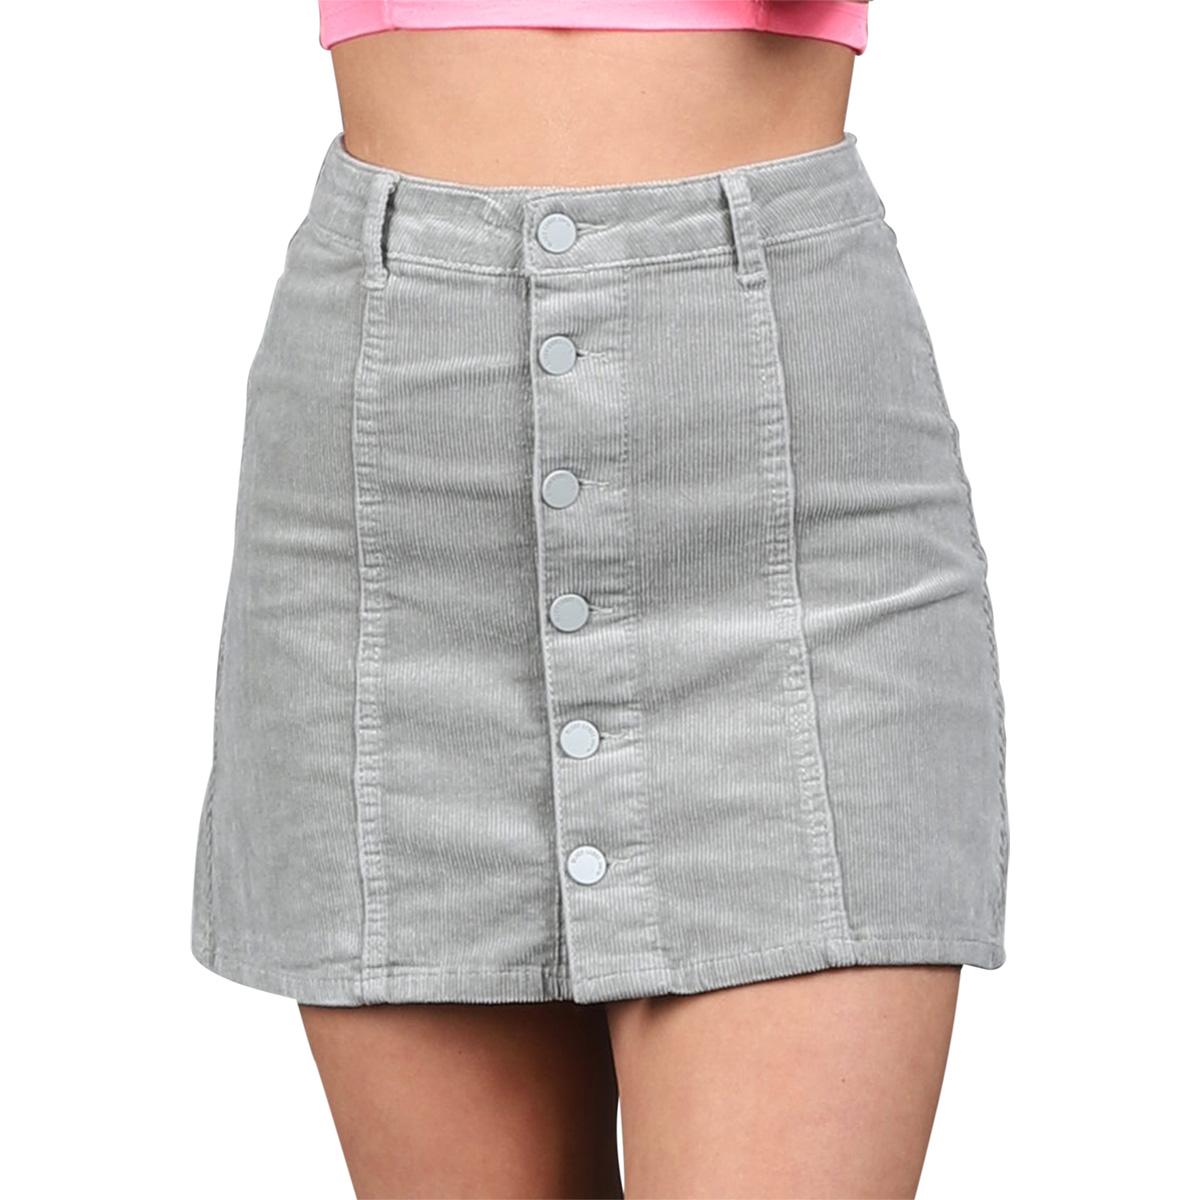 Spring Girl/'s Size 5 Skirt Fall /& Winter Skirt. Girl/'s Cat Skirt Back to School Skirt Cats on White Corduroy Skirt